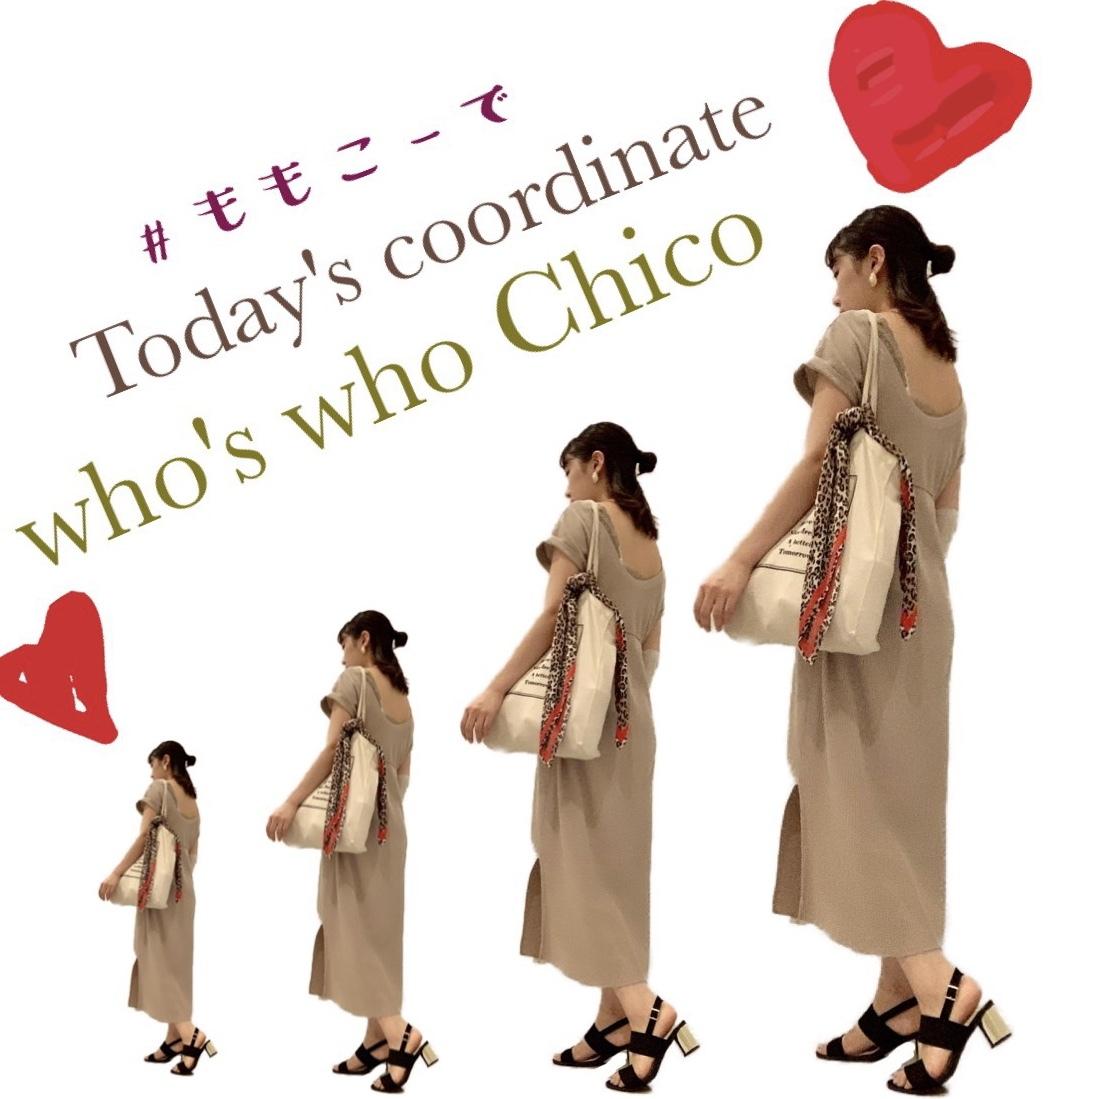 【今日のコーデ】who's who Chicoのお気に入りワンピ:)_1_1